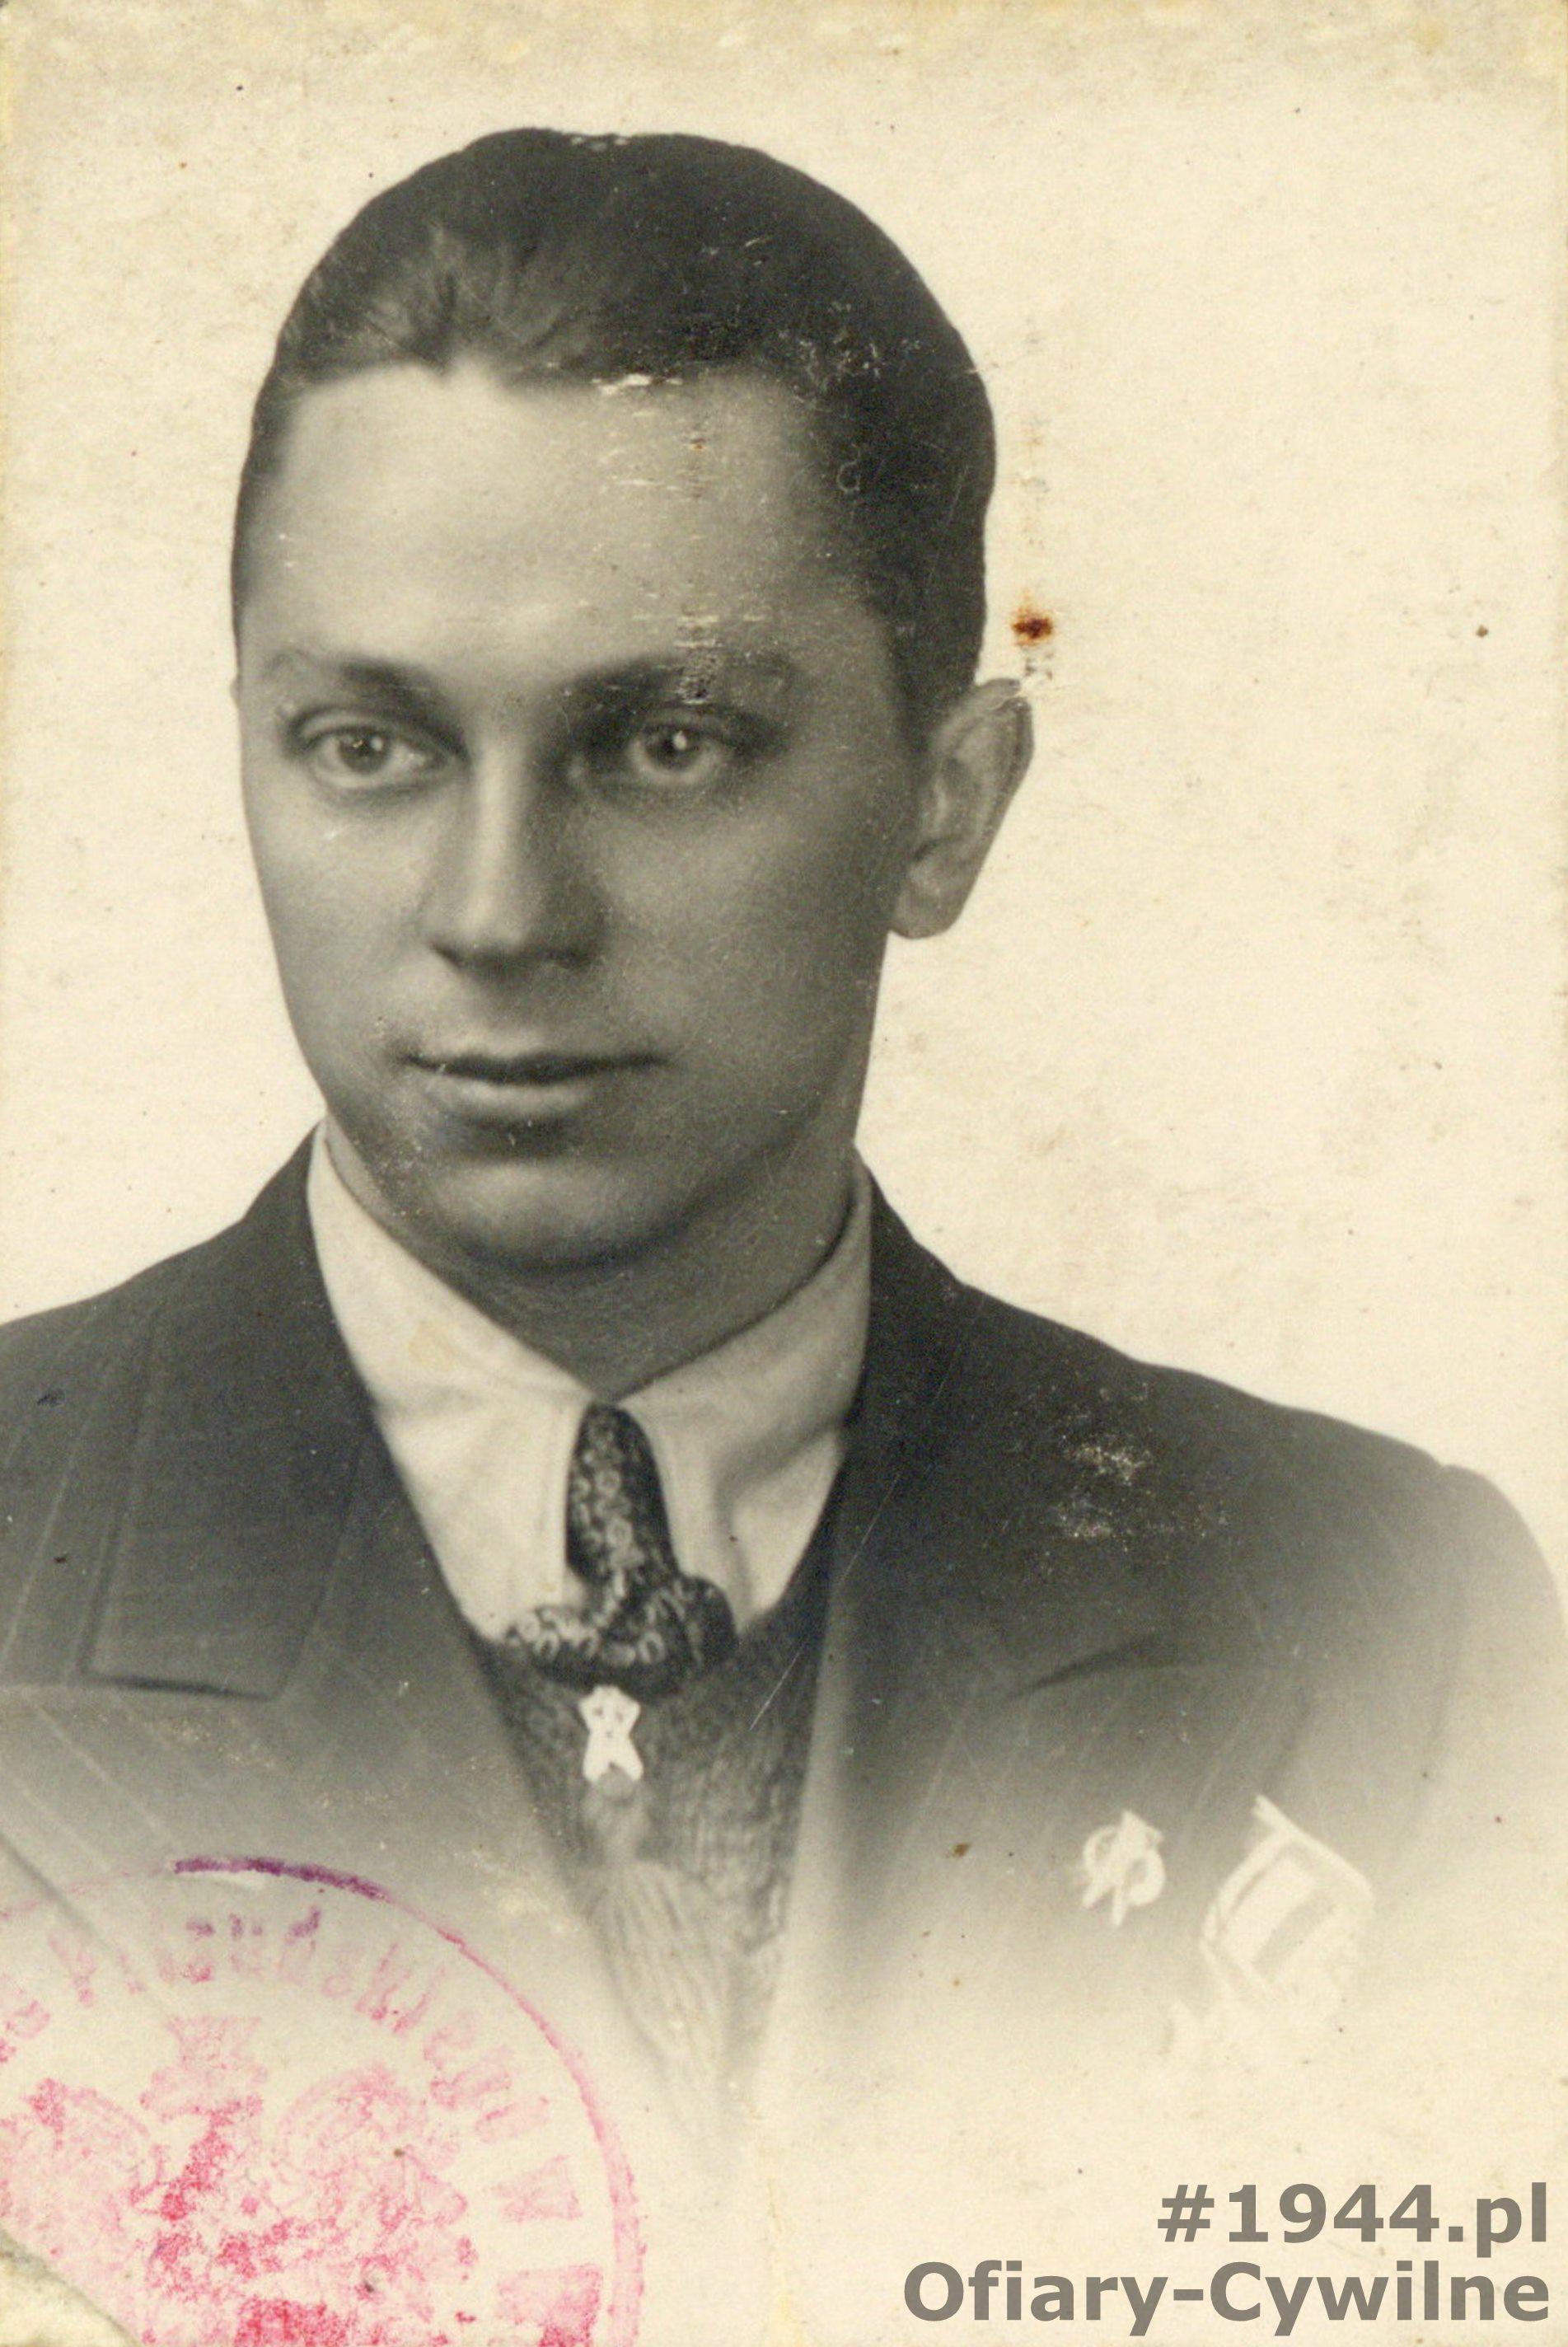 Stanisław Arciszewski zdjęcie z legitymacji studenckiej, ze zbiorów syna pana Krzysztofa Arciszewskiego